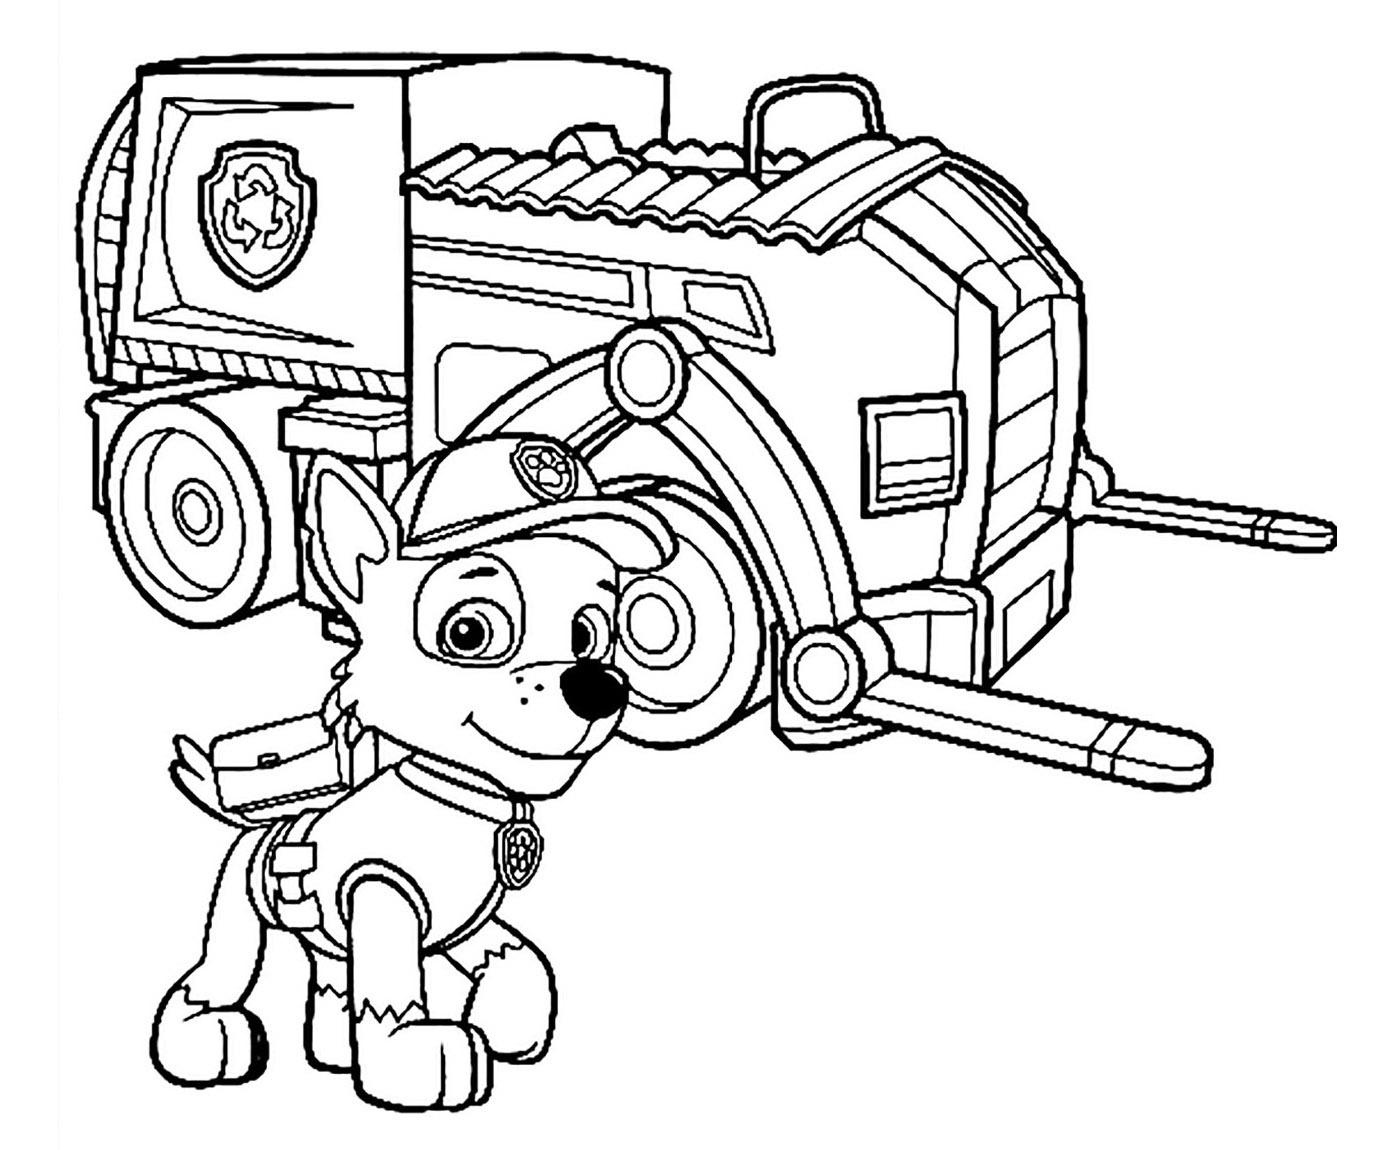 Pat patrouille super engin 2 coloriage pat patrouille coloriages pour enfants - Coloriage pat patrouille ...